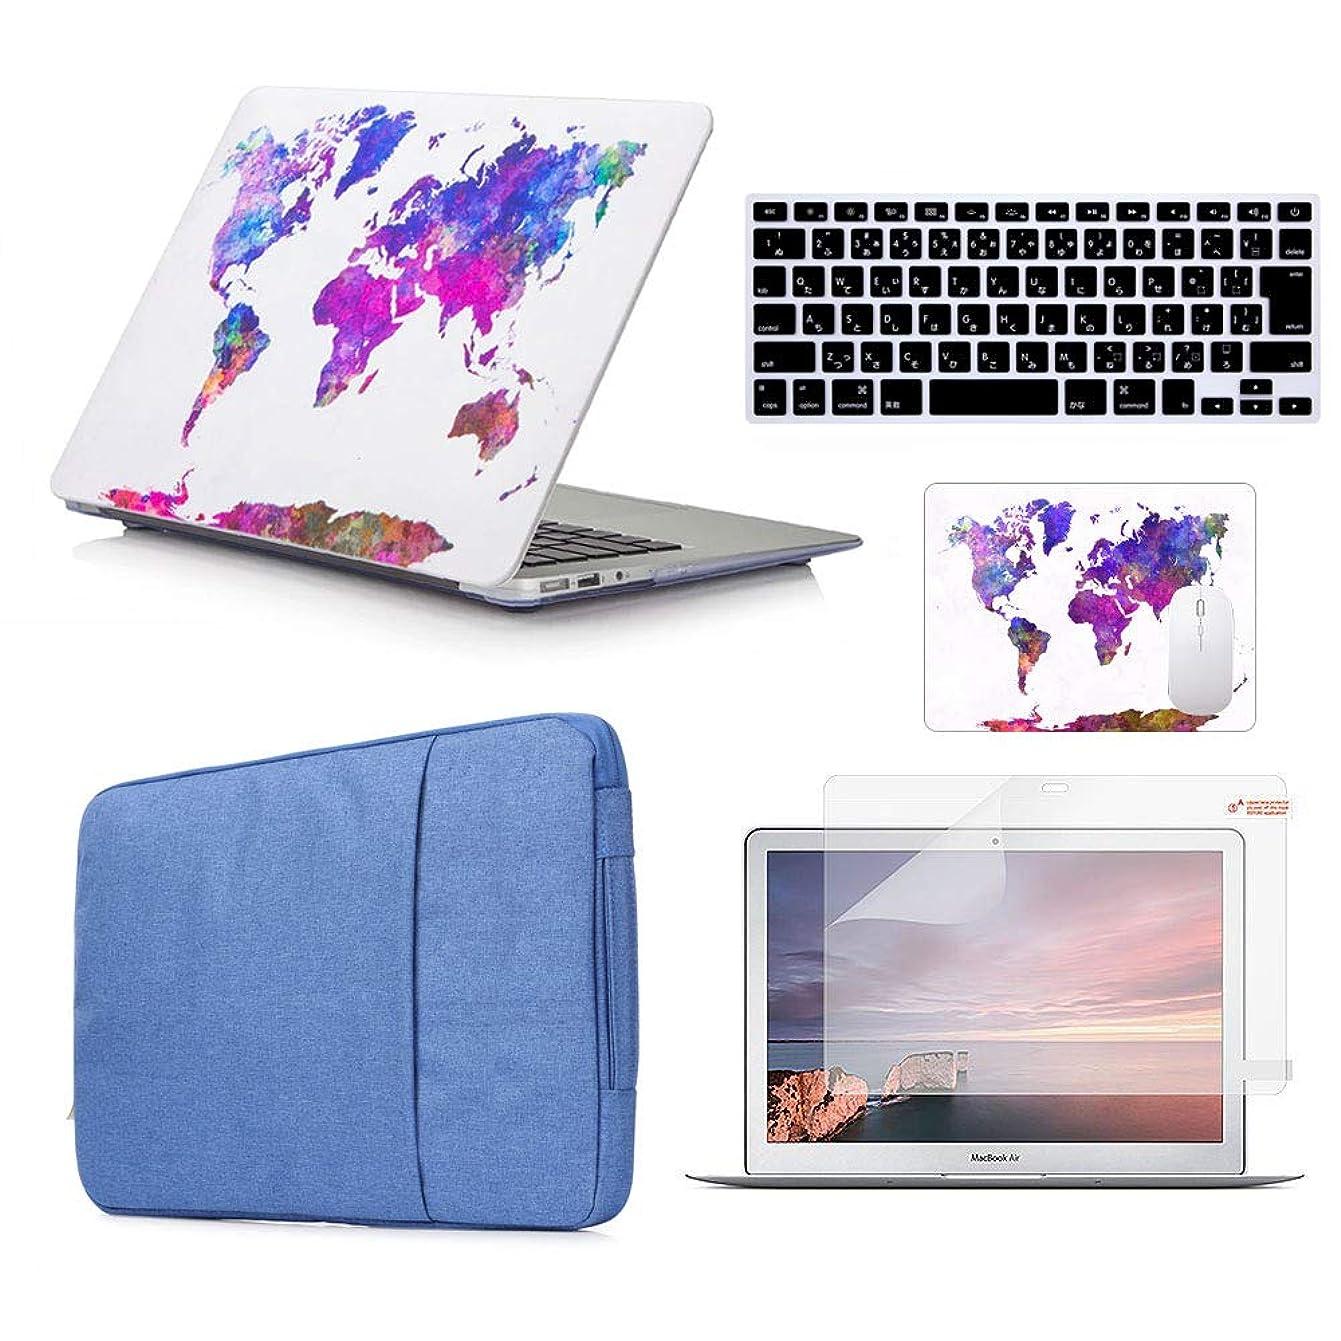 前兆壁珍しいDAZZME MacBook Pro 13インチケース 2016 2017 Pro 13インチ用バッグ Pro 13インチ2016/2017用キーボード MacBook 用マウスパッド 液晶モニター保護フィルム 便利 全面保護 衝撃吸収 丈夫なゴム足 防塵 薄型 耐久性 (対応モデル:A1706/A1989 Touch Bar搭載モデル) しょく地図